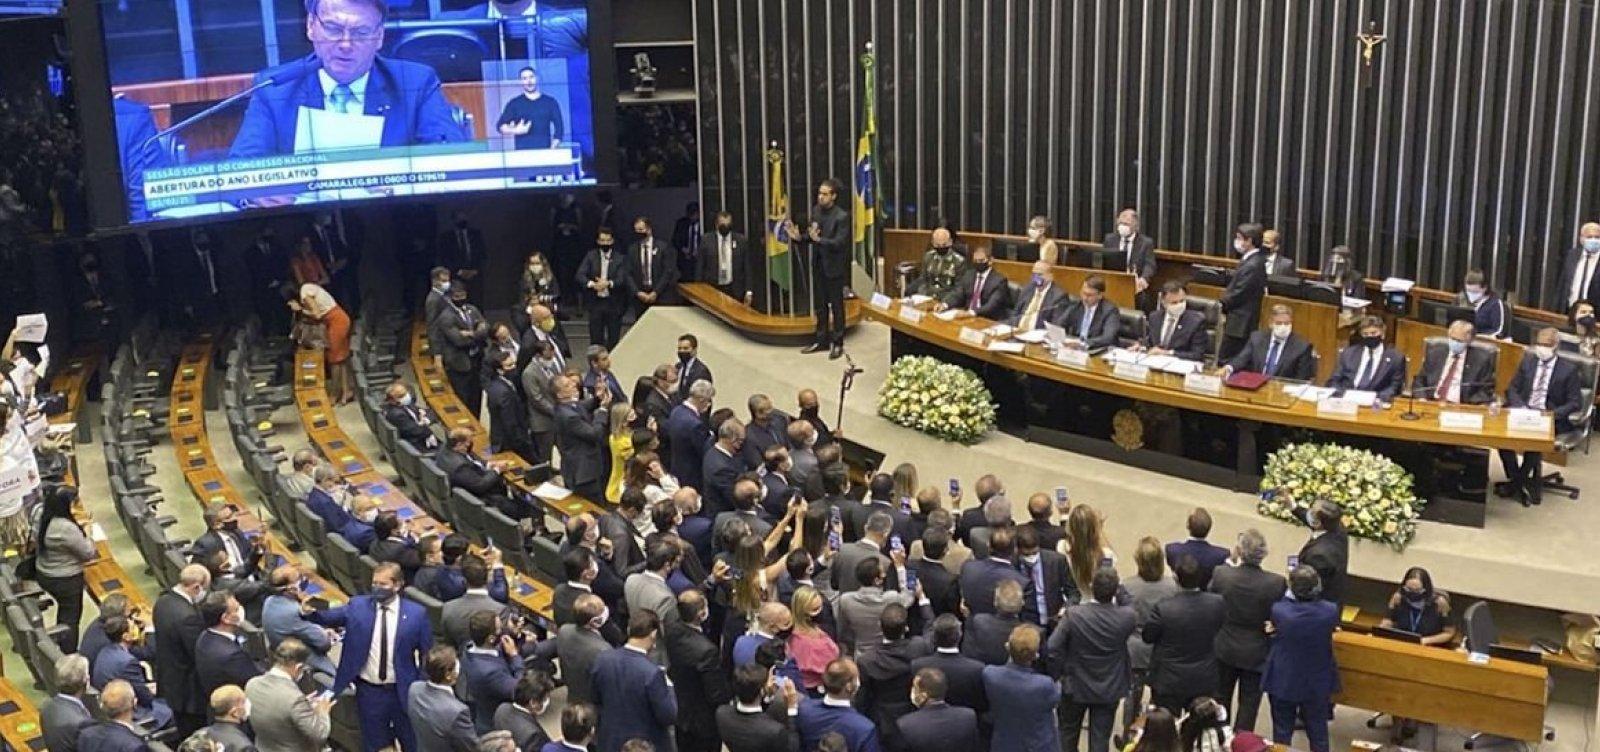 Ao lado de Fux, Pacheco e Lira, Bolsonaro lê mensagem ao Congresso